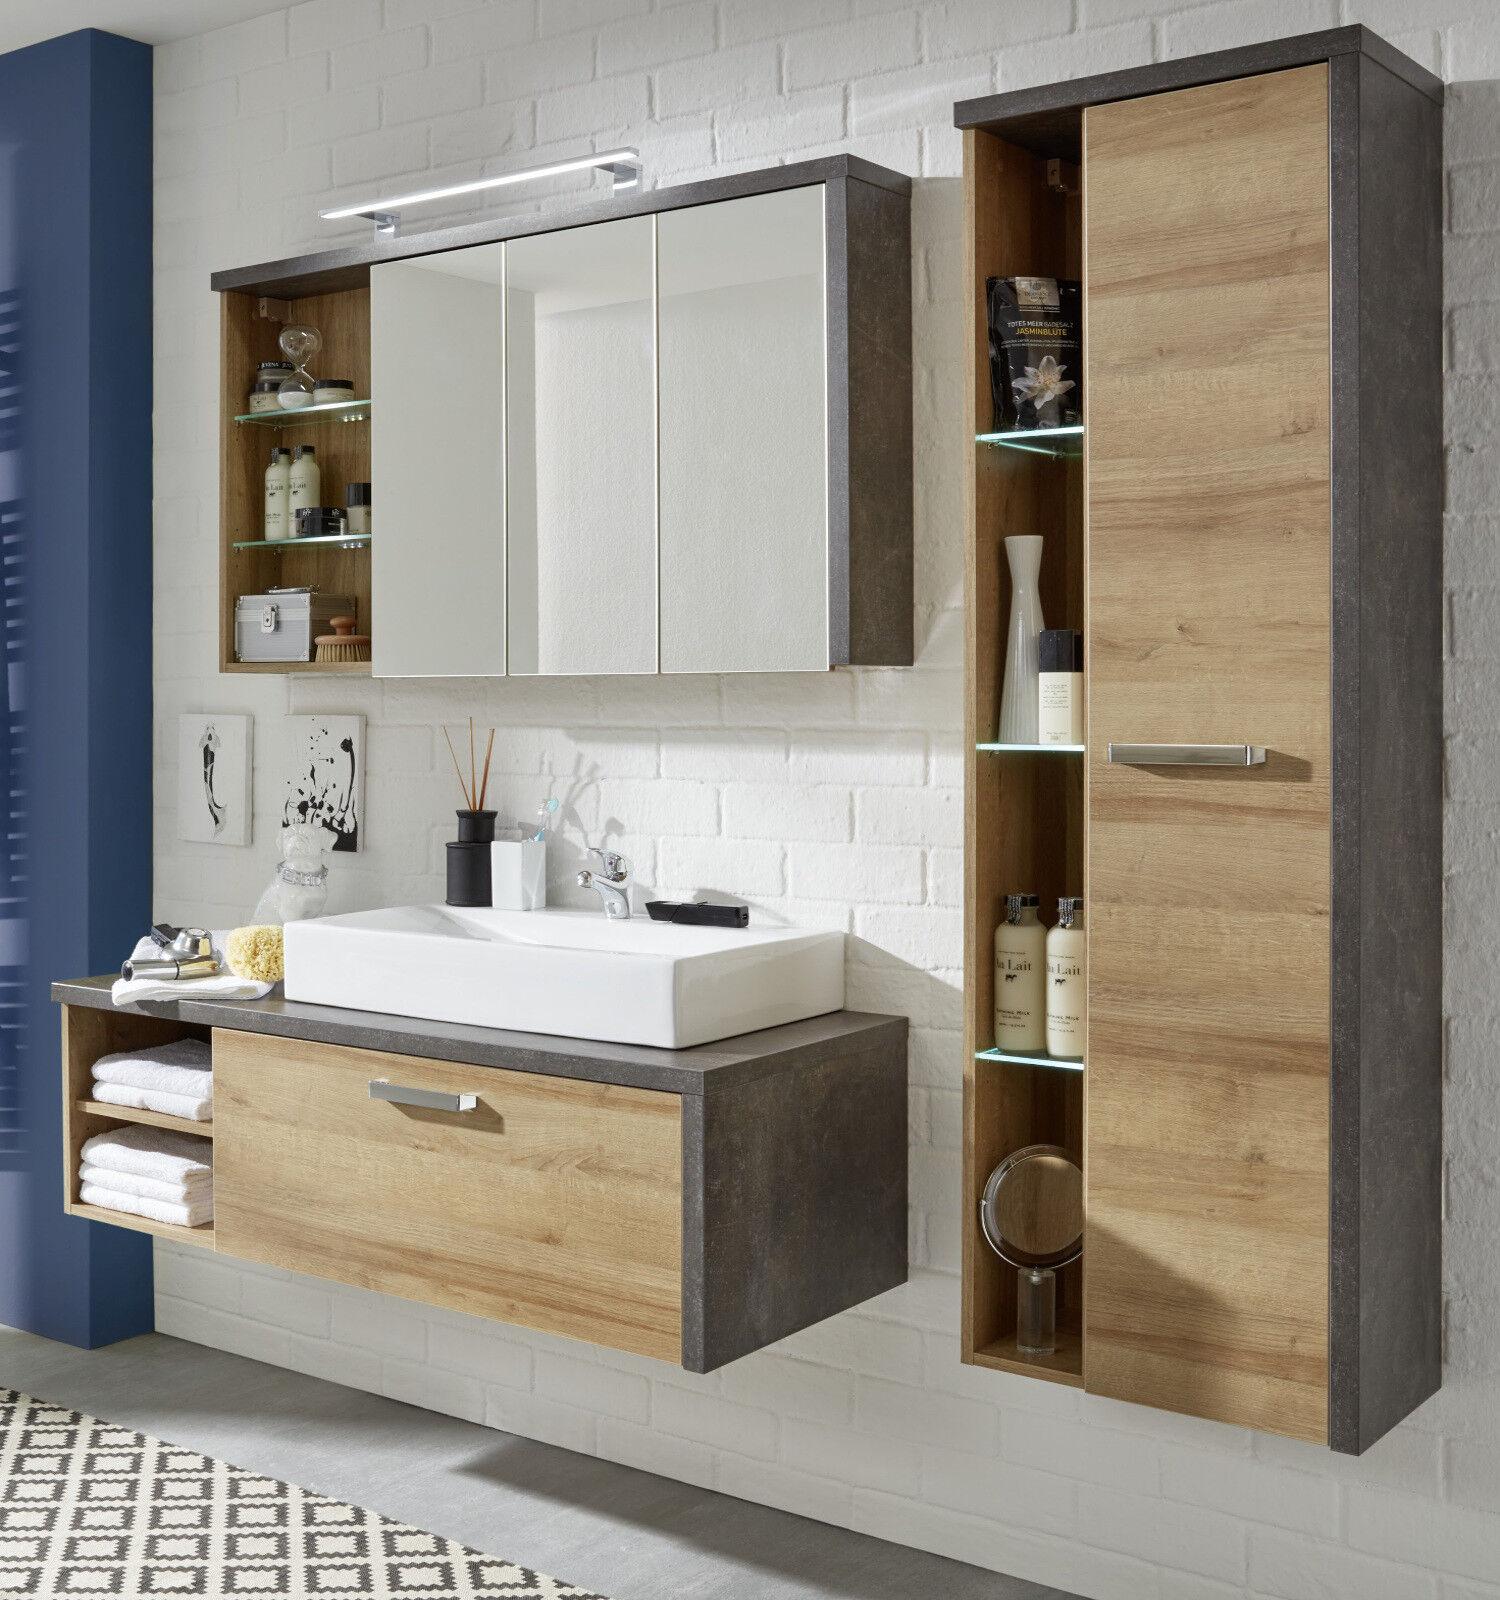 BAD SET MIT Waschbecken Badezimmer komplett Eiche Honig Stone Design Serie  Bay